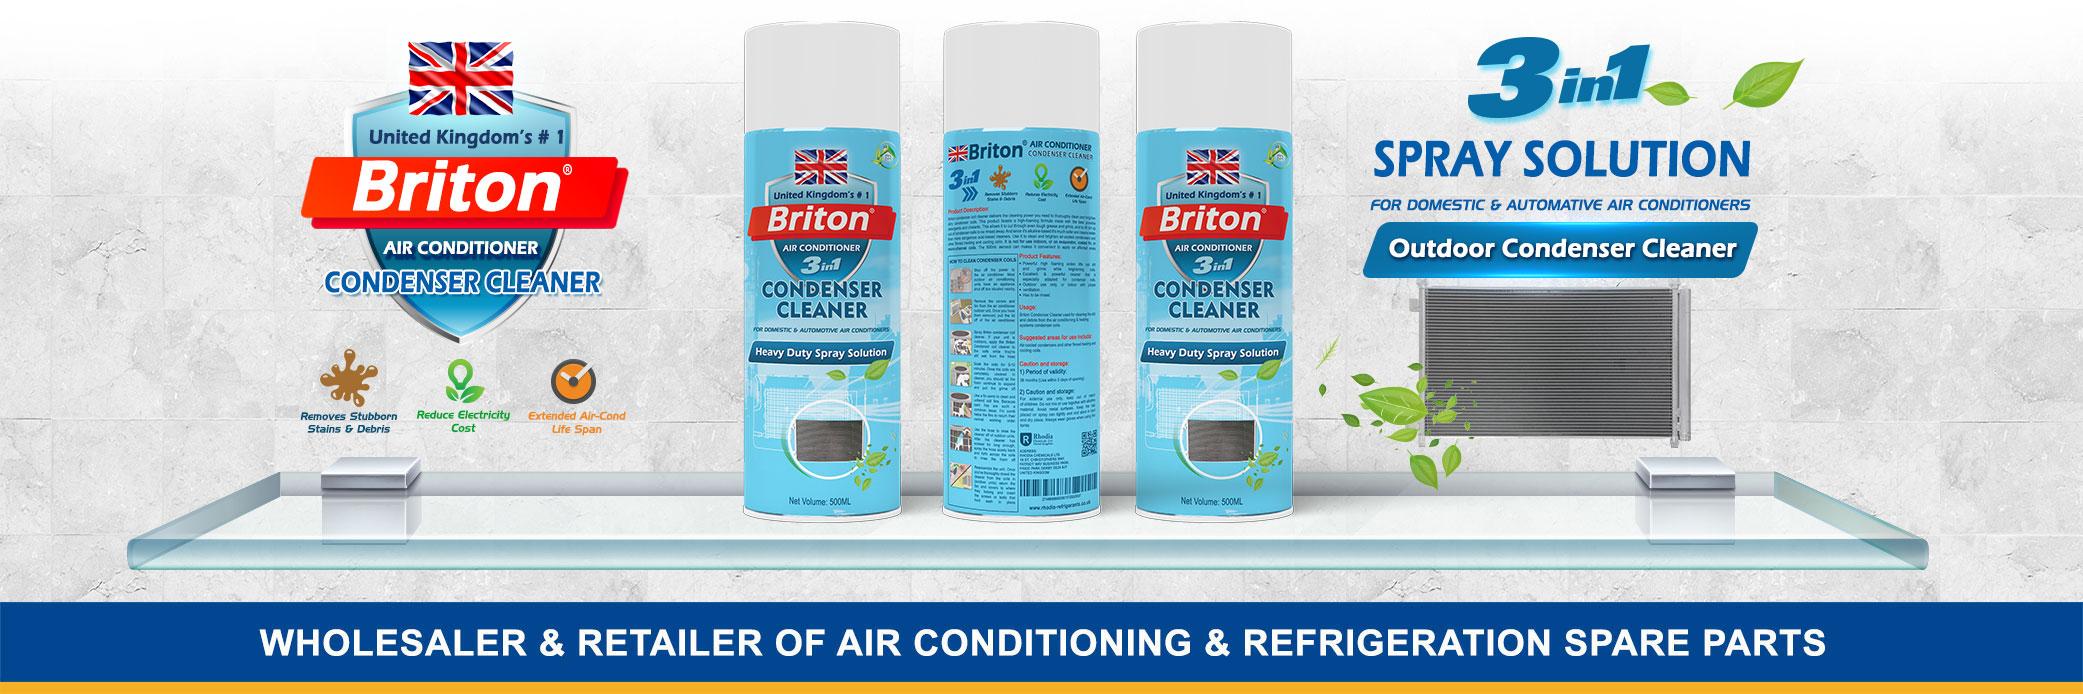 Air Conditioner Condenser Cleaner in Dubai